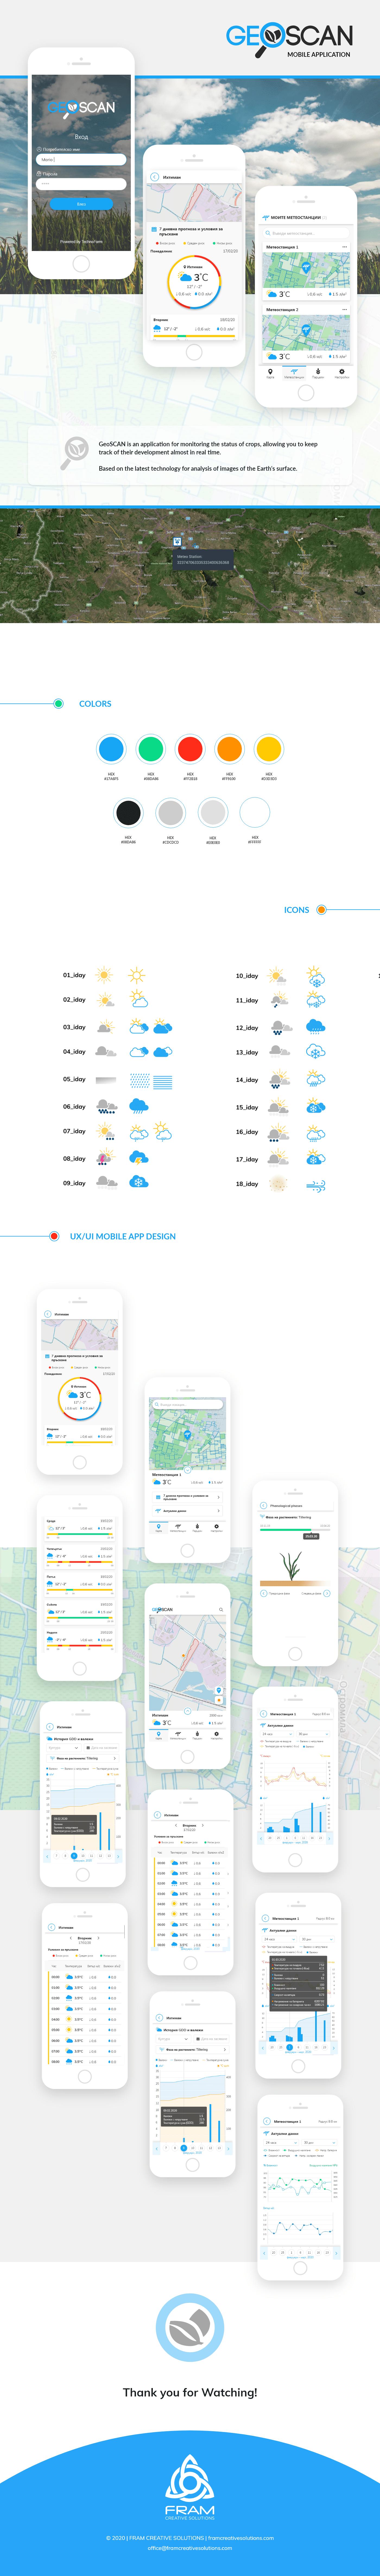 mobile design Prototyping UI ux ux/ui